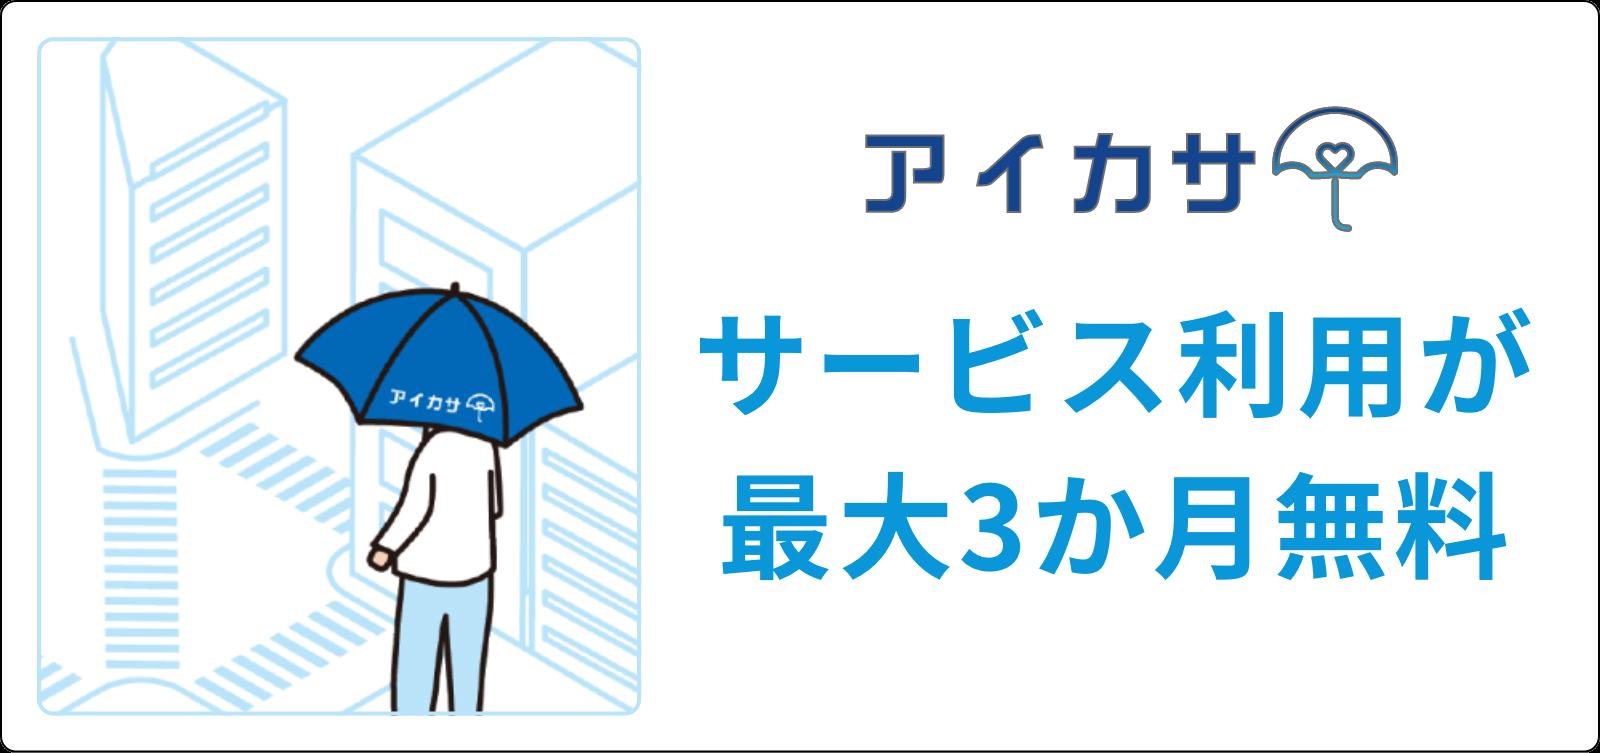 「アイカサ」サービスが無料!(最大3ヶ月間)